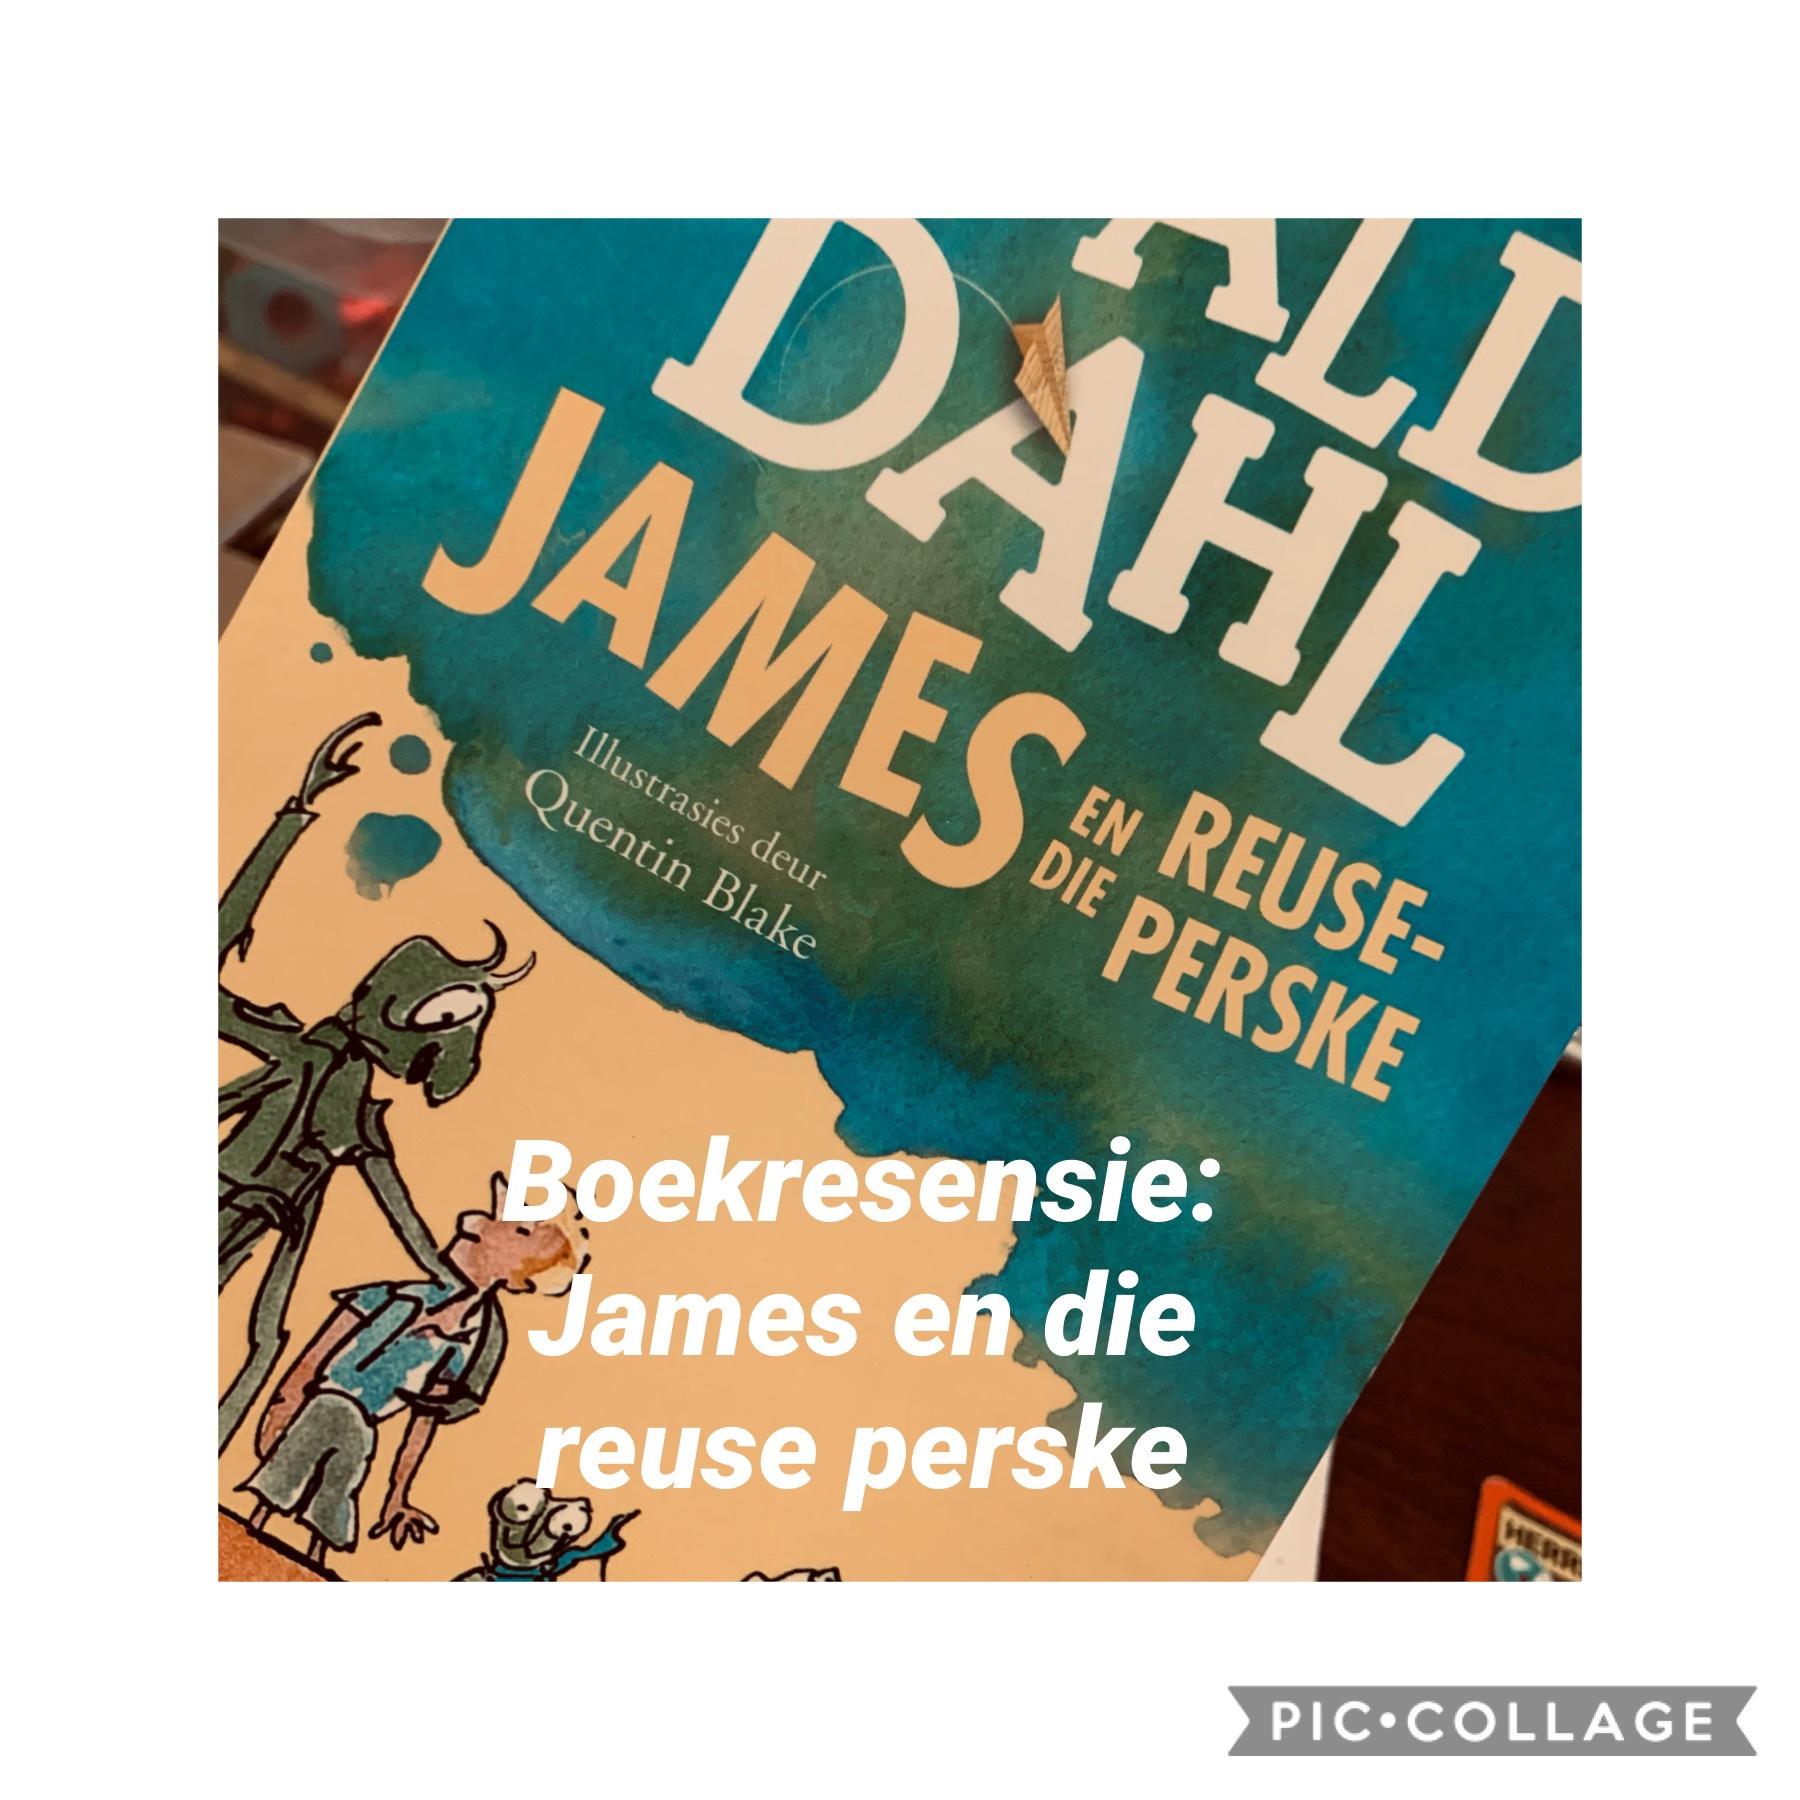 Boekresensie: James en die reuse perske